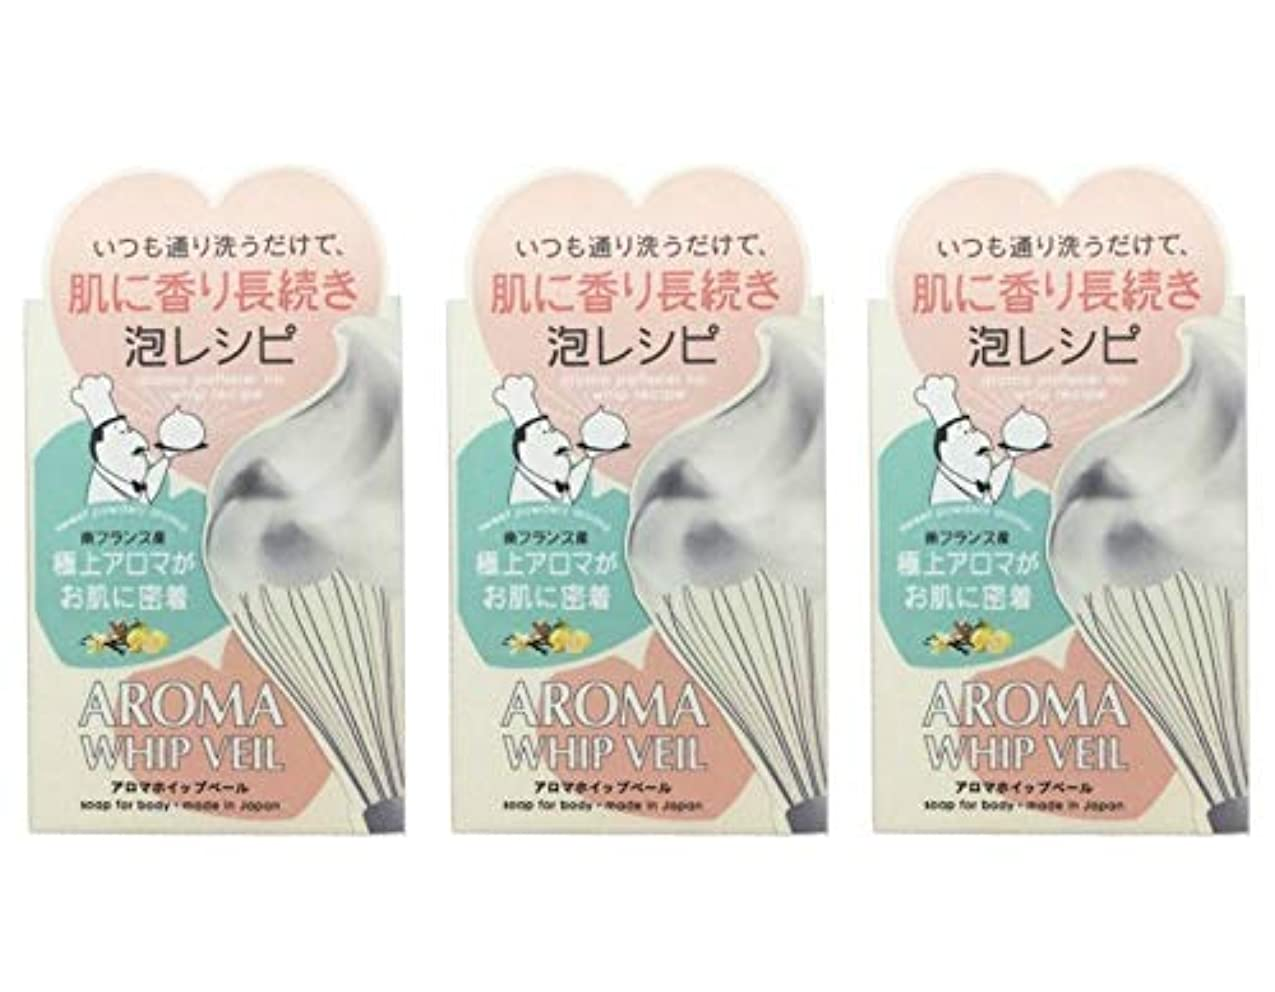 見るコック火曜日【3個セット】ペリカン石鹸 アロマホイップベール石鹸 100g【3個セット】